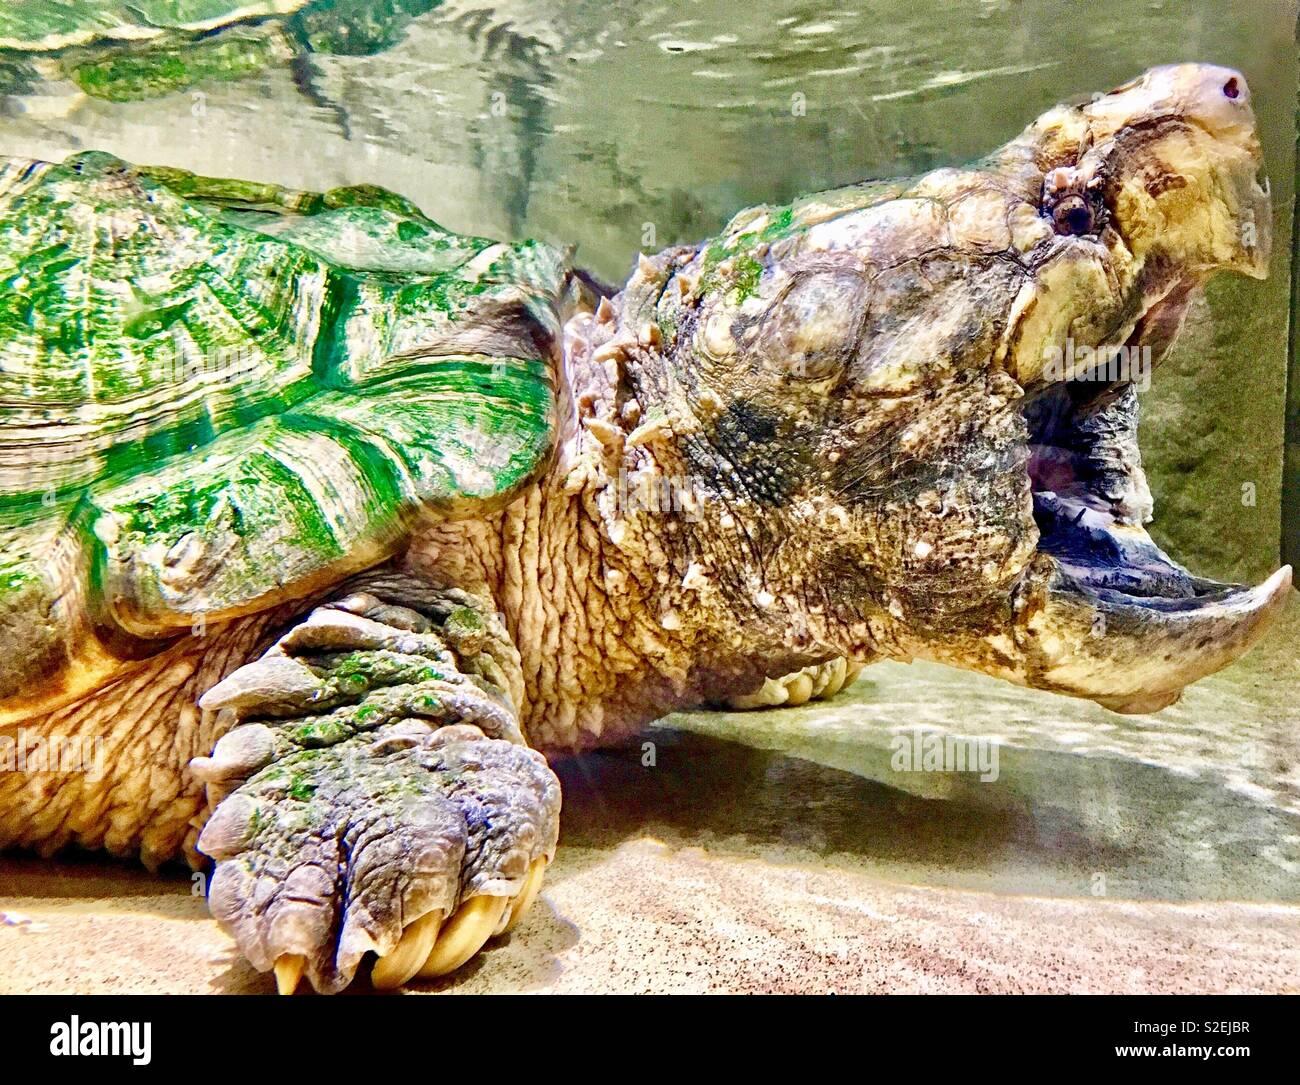 Alligator turtle Aufschnappen mit weit geöffneten Mund und spitzen Schnabel, Algen, Shell und Fuß mit großen Krallen Stockbild